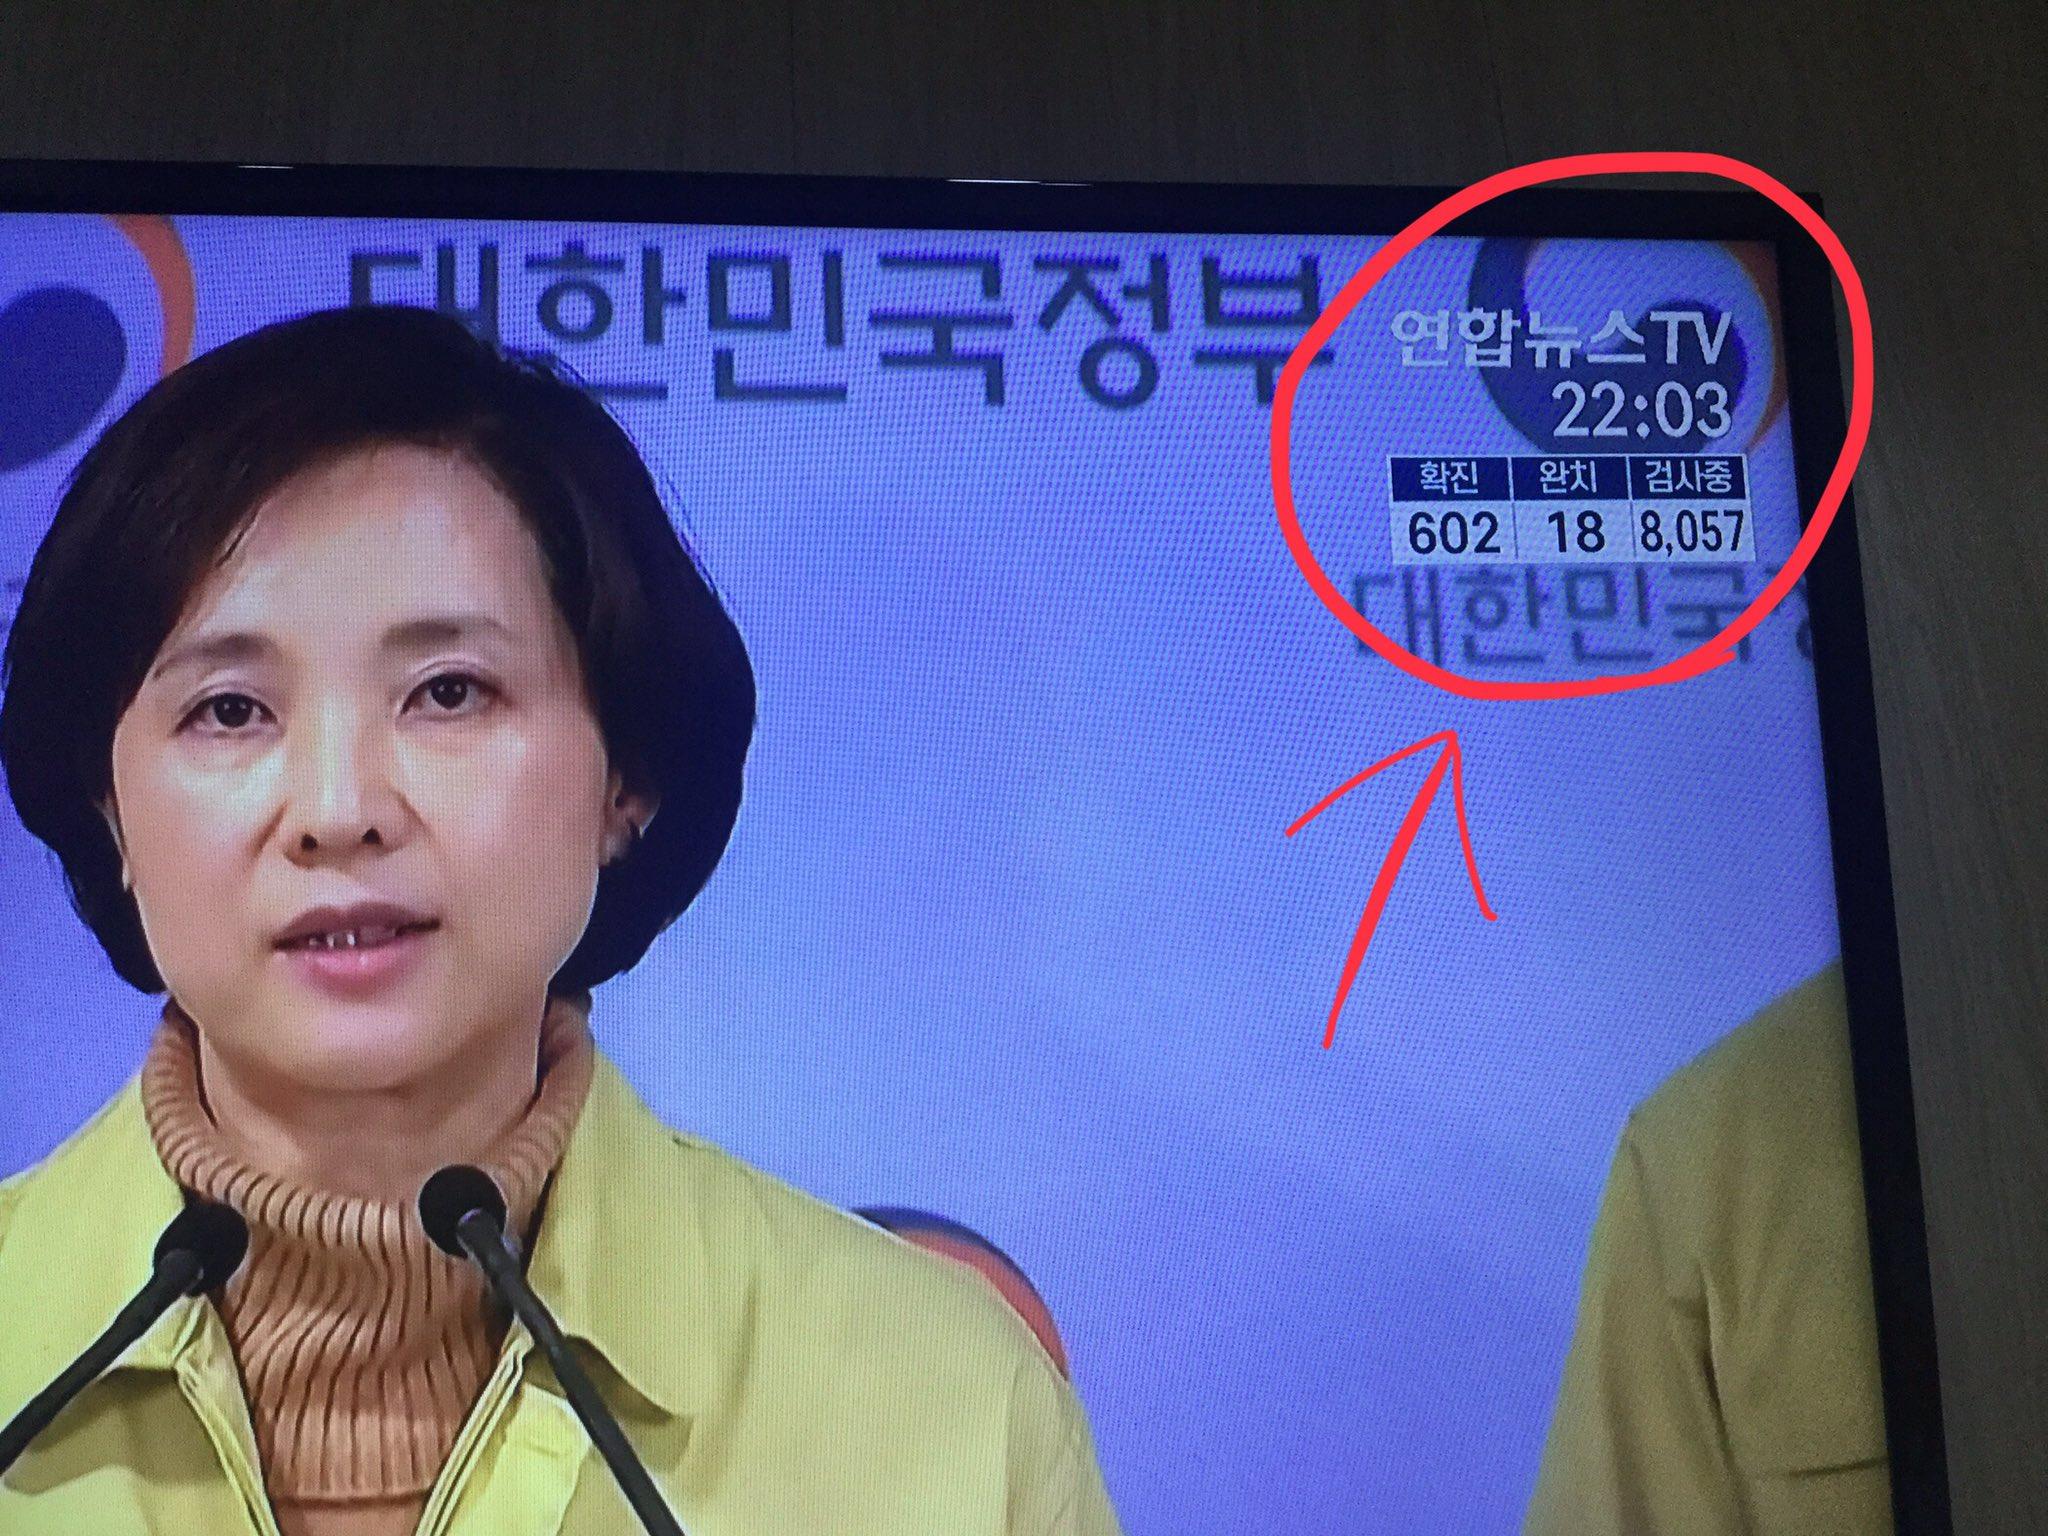 韓国では「コロナ感染数」が報道番組でカウントされていて、一目で分かるようになっている!!